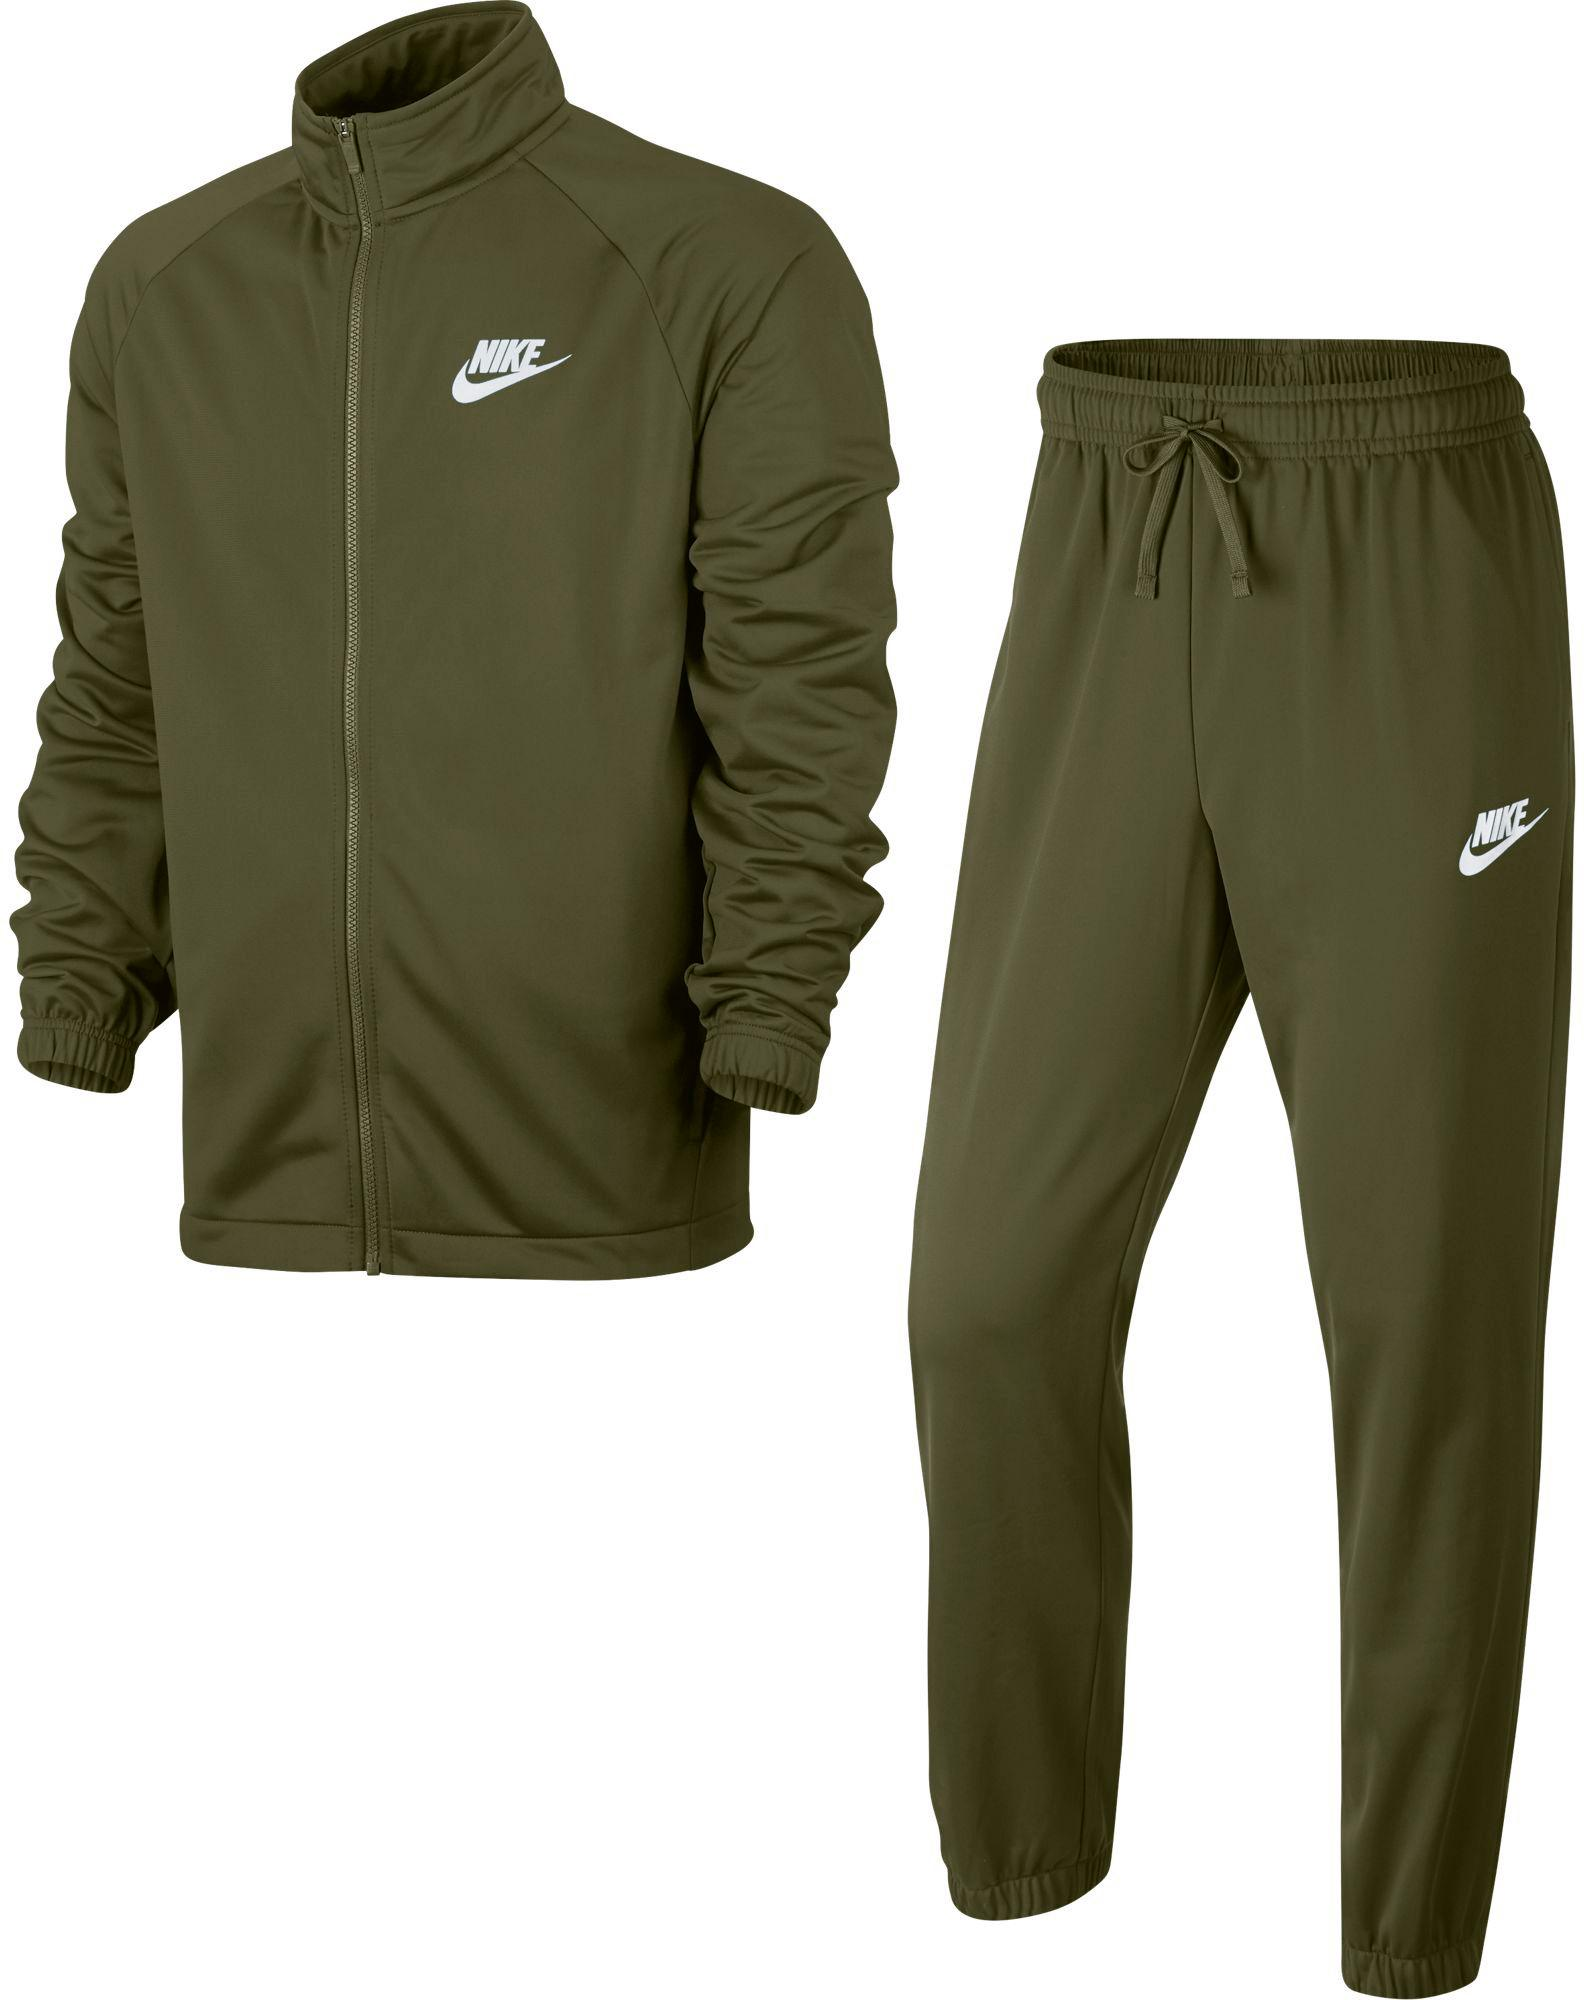 Nike NSW Trainingsanzug Herren olive canvas-olive canvas-white im Online Shop von SportScheck kaufen